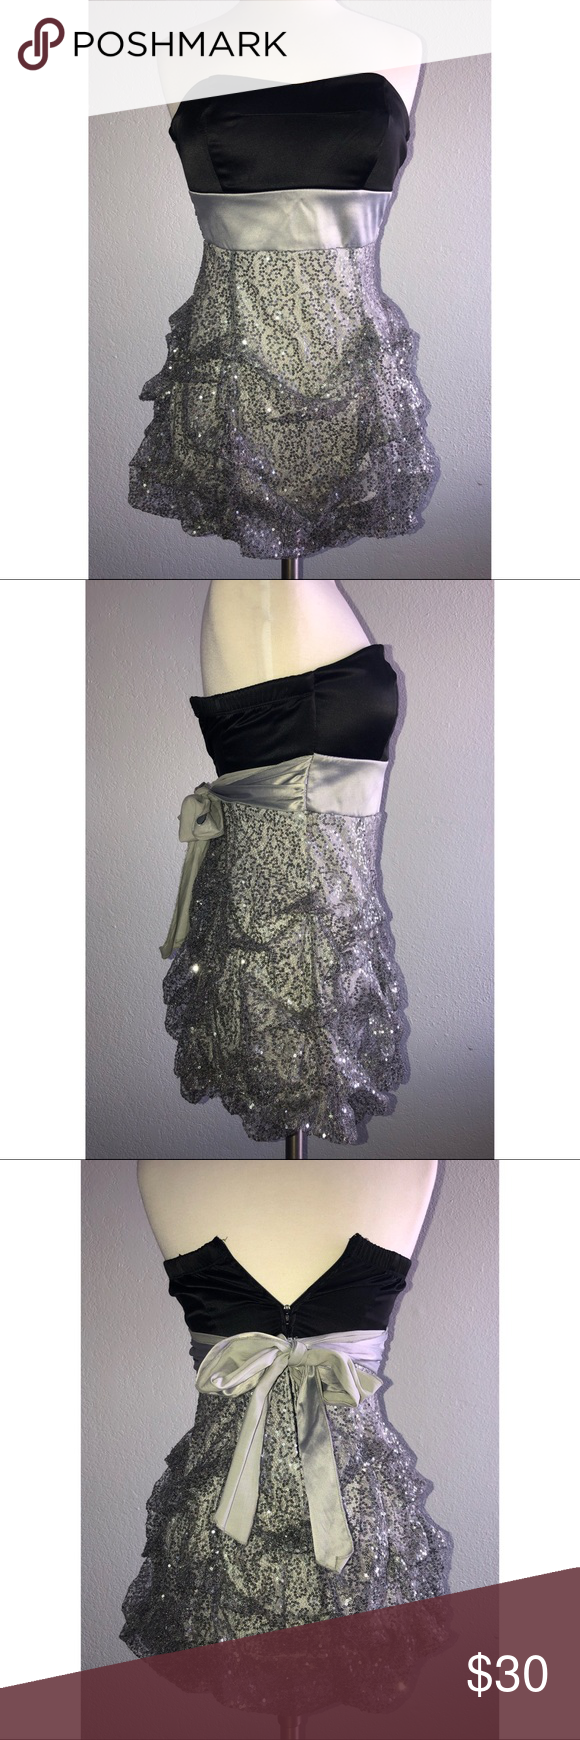 Ruby Rox Party Dress Dieses Kleid wurde nur einmal für eine Weihnachtsfeier getragen. Die Kleider …   – My Posh Closet